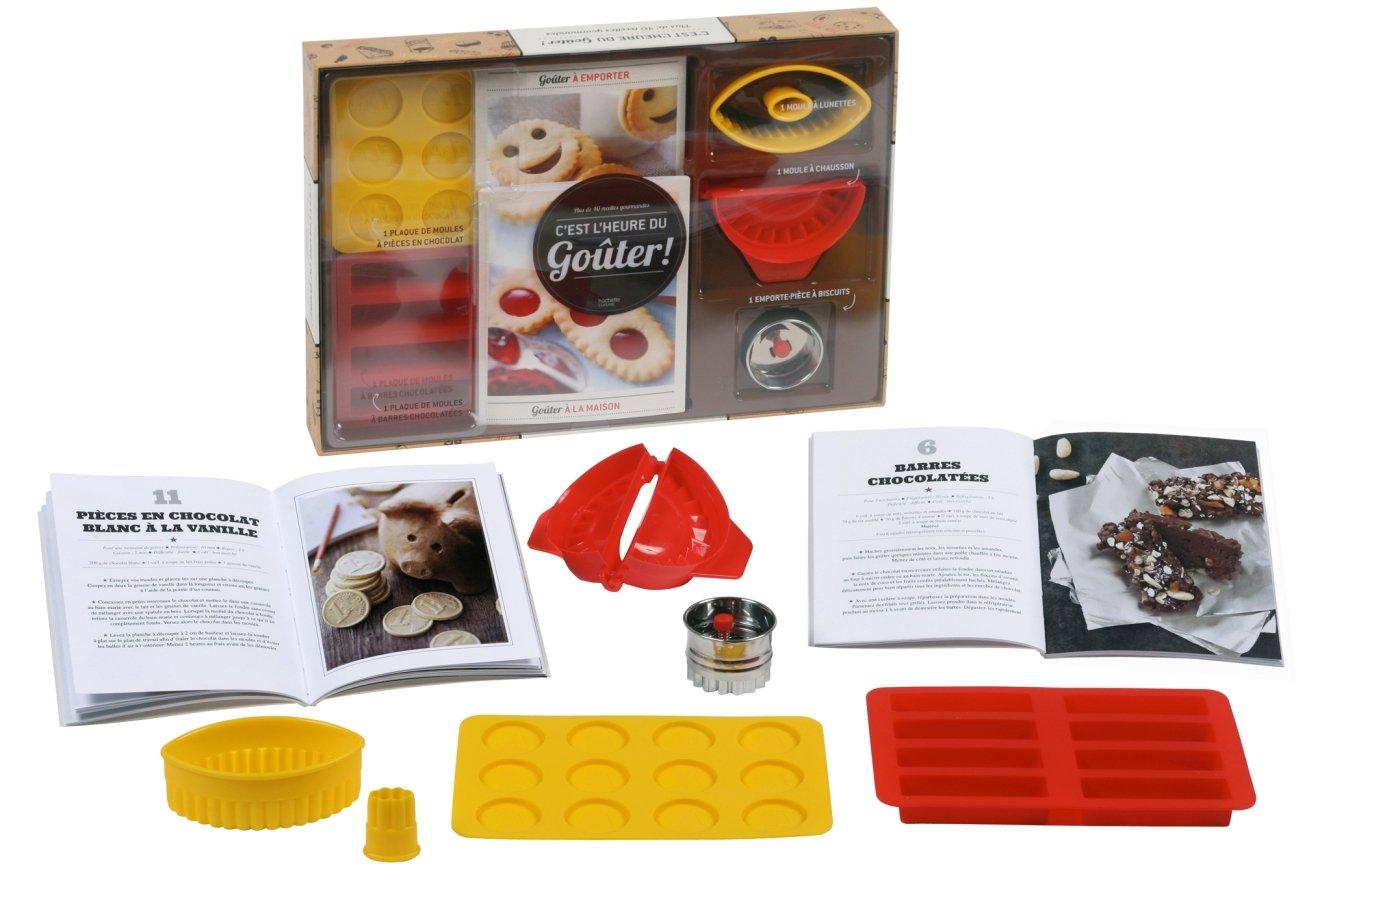 Coffret C Est L Heure Du Gouter Cuisine 9782012385719 Amazon